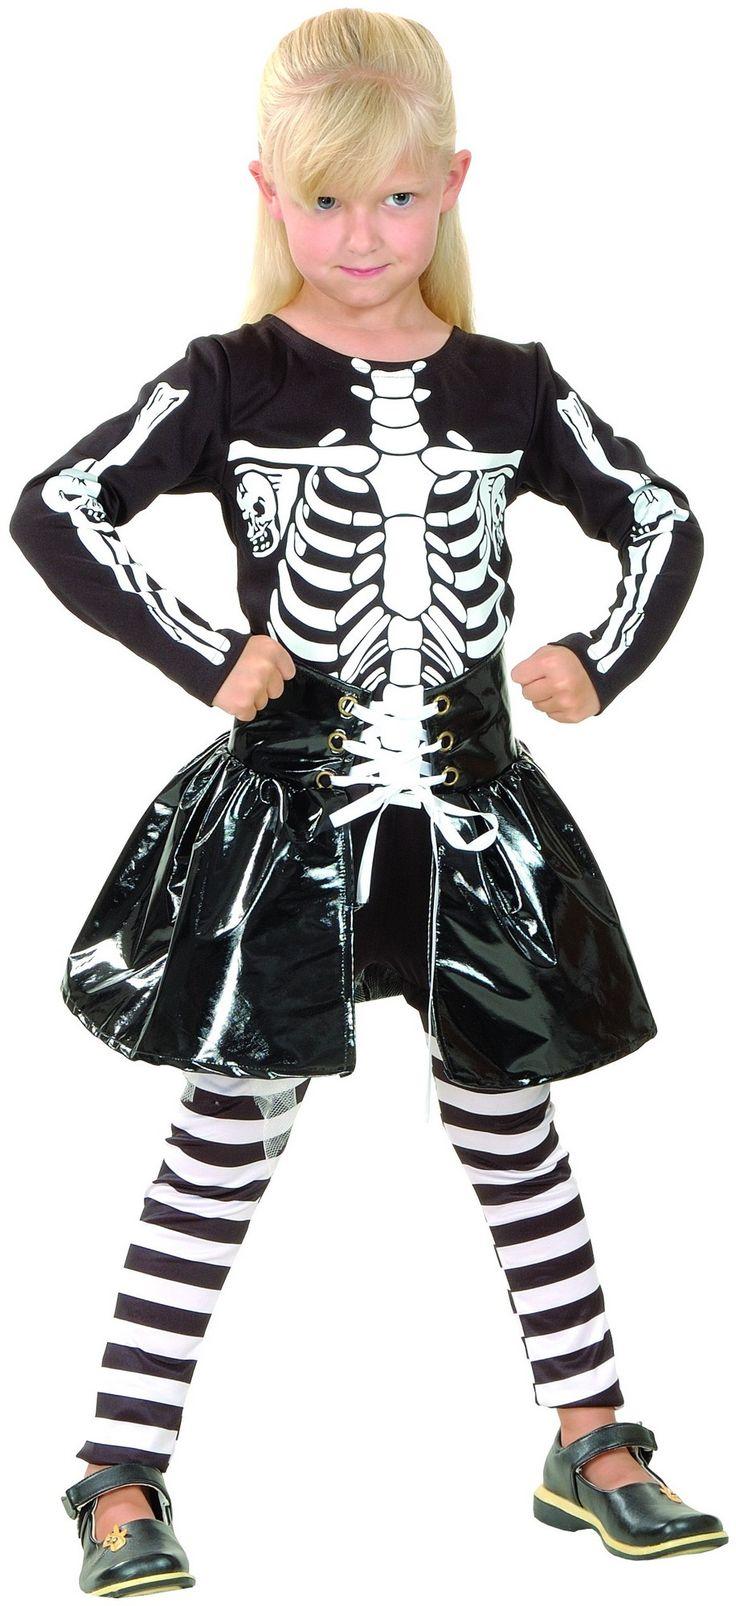 Questo travestimento da bambina è perfetto per Halloween. Si tratta di una maglia nera con uno scheletro bianco disegnato sul davanti. La gonna nera lucida, è molto comoda, si potrà stringere o allargare. I leggings, a strisce orizzontali bianche e nere, sono compresi nel travestimento. Questo vestito da bambina scheletro per Halloween non ti deluderà!